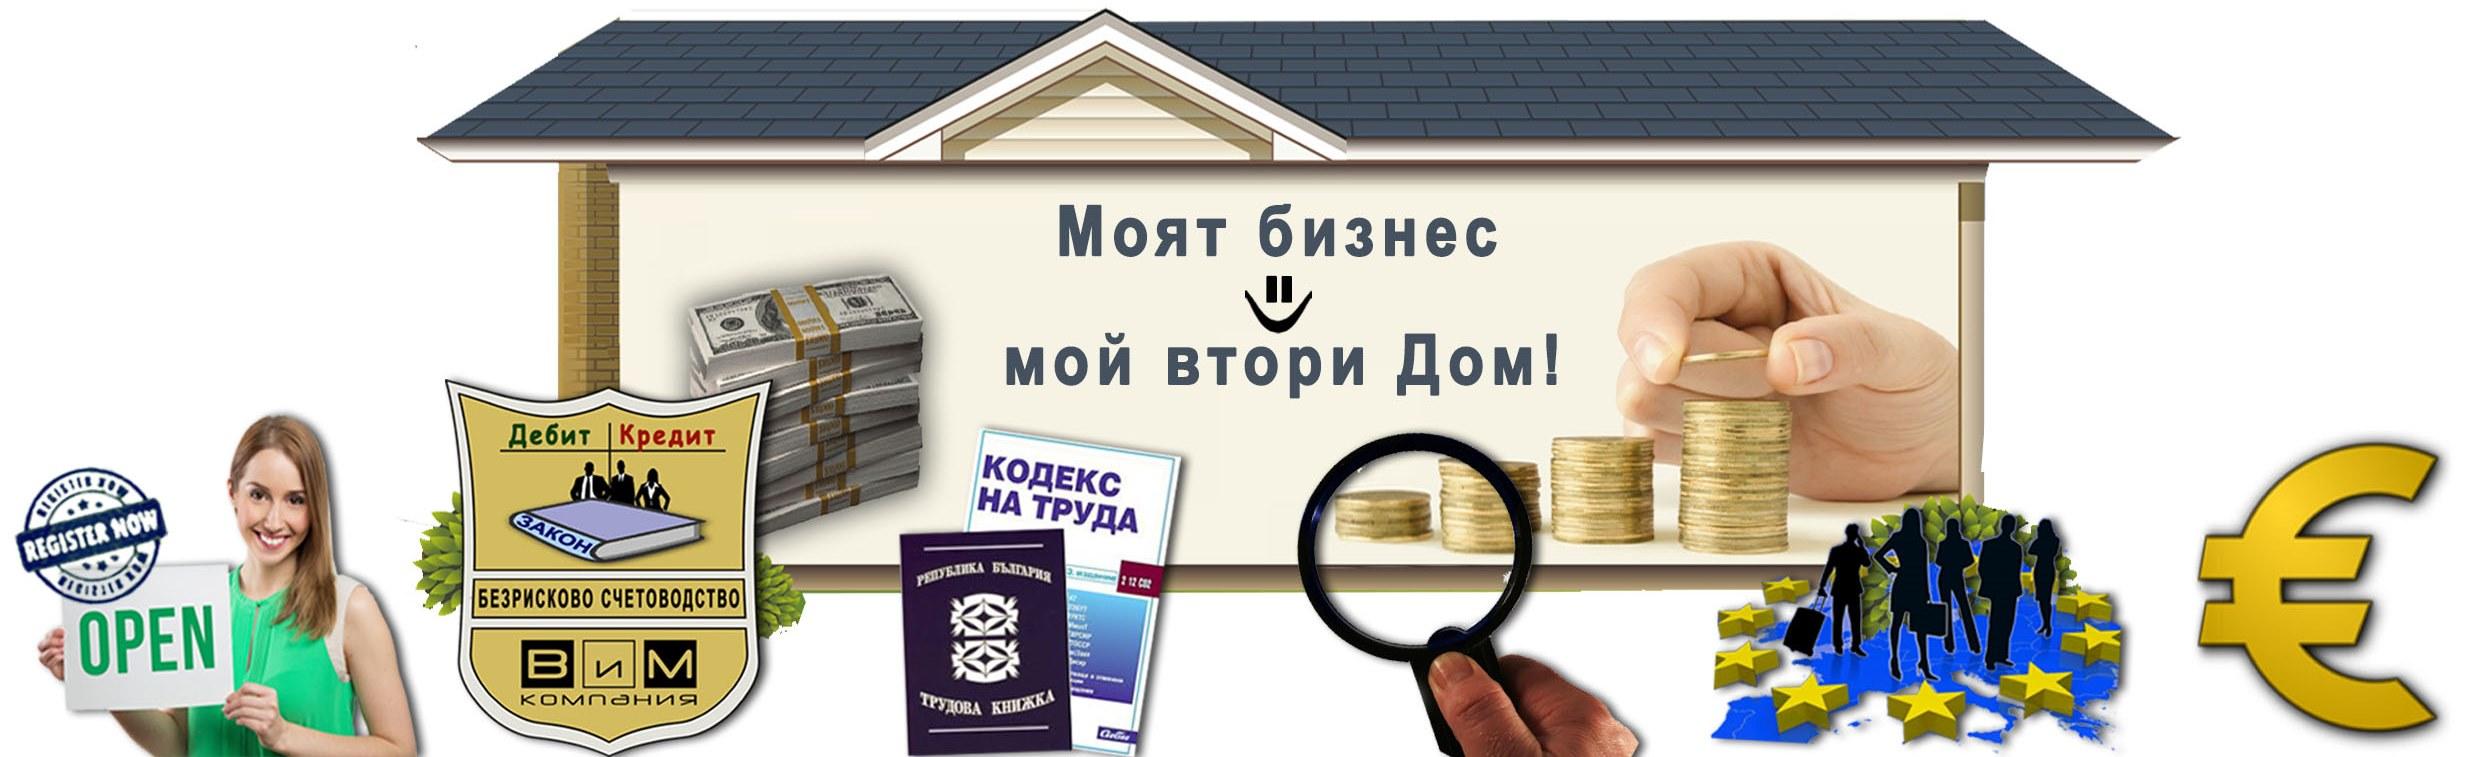 Счетоводни услуги, Правно услуги, Одиторски услуги, регистрация на фирма от В и М Компания